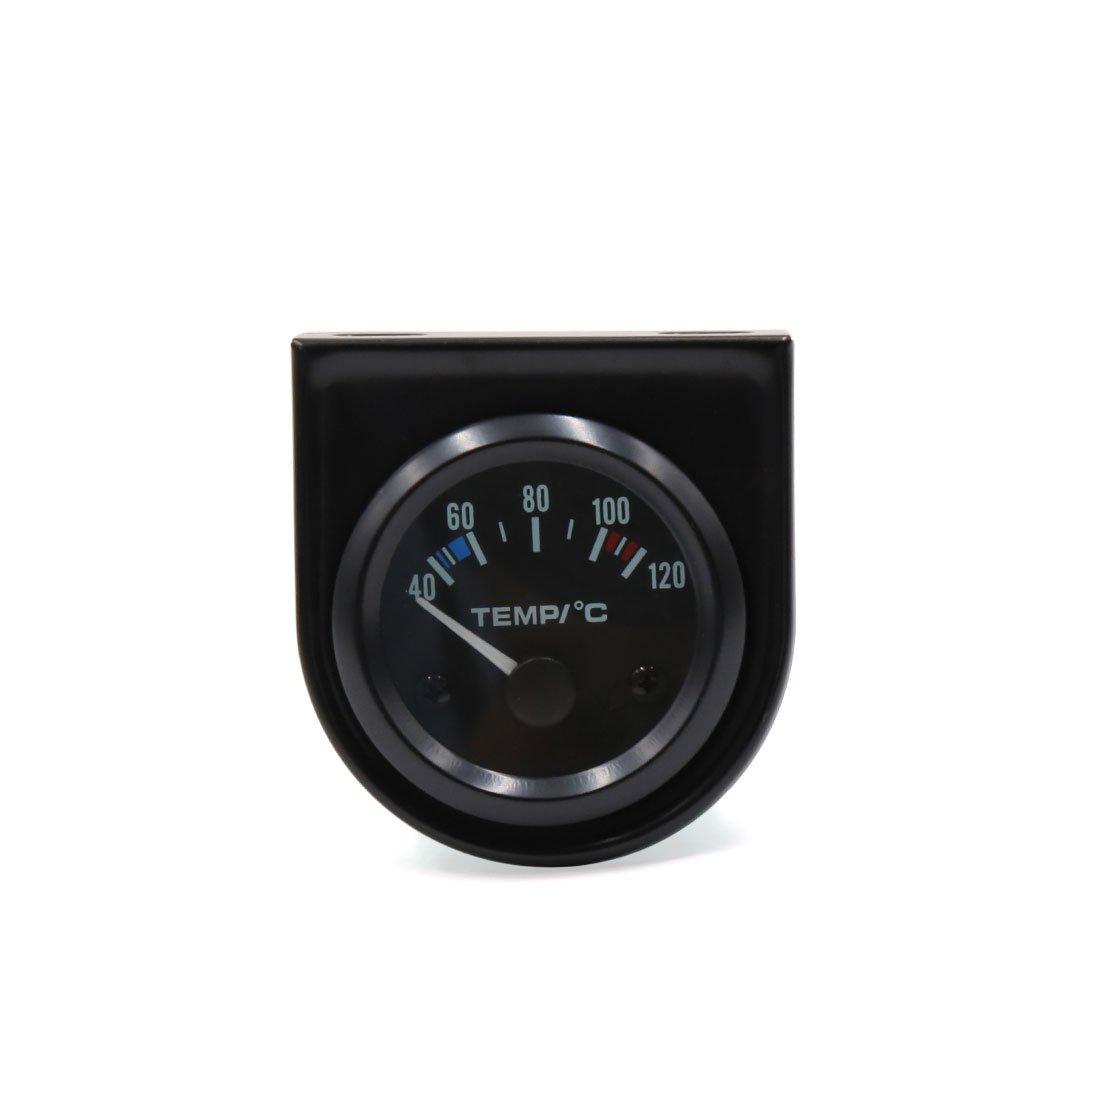 sourcing map Auto Universale 52mm dia 40-120C Custodia Nero Led temperatura acqua misuratore di puntatore